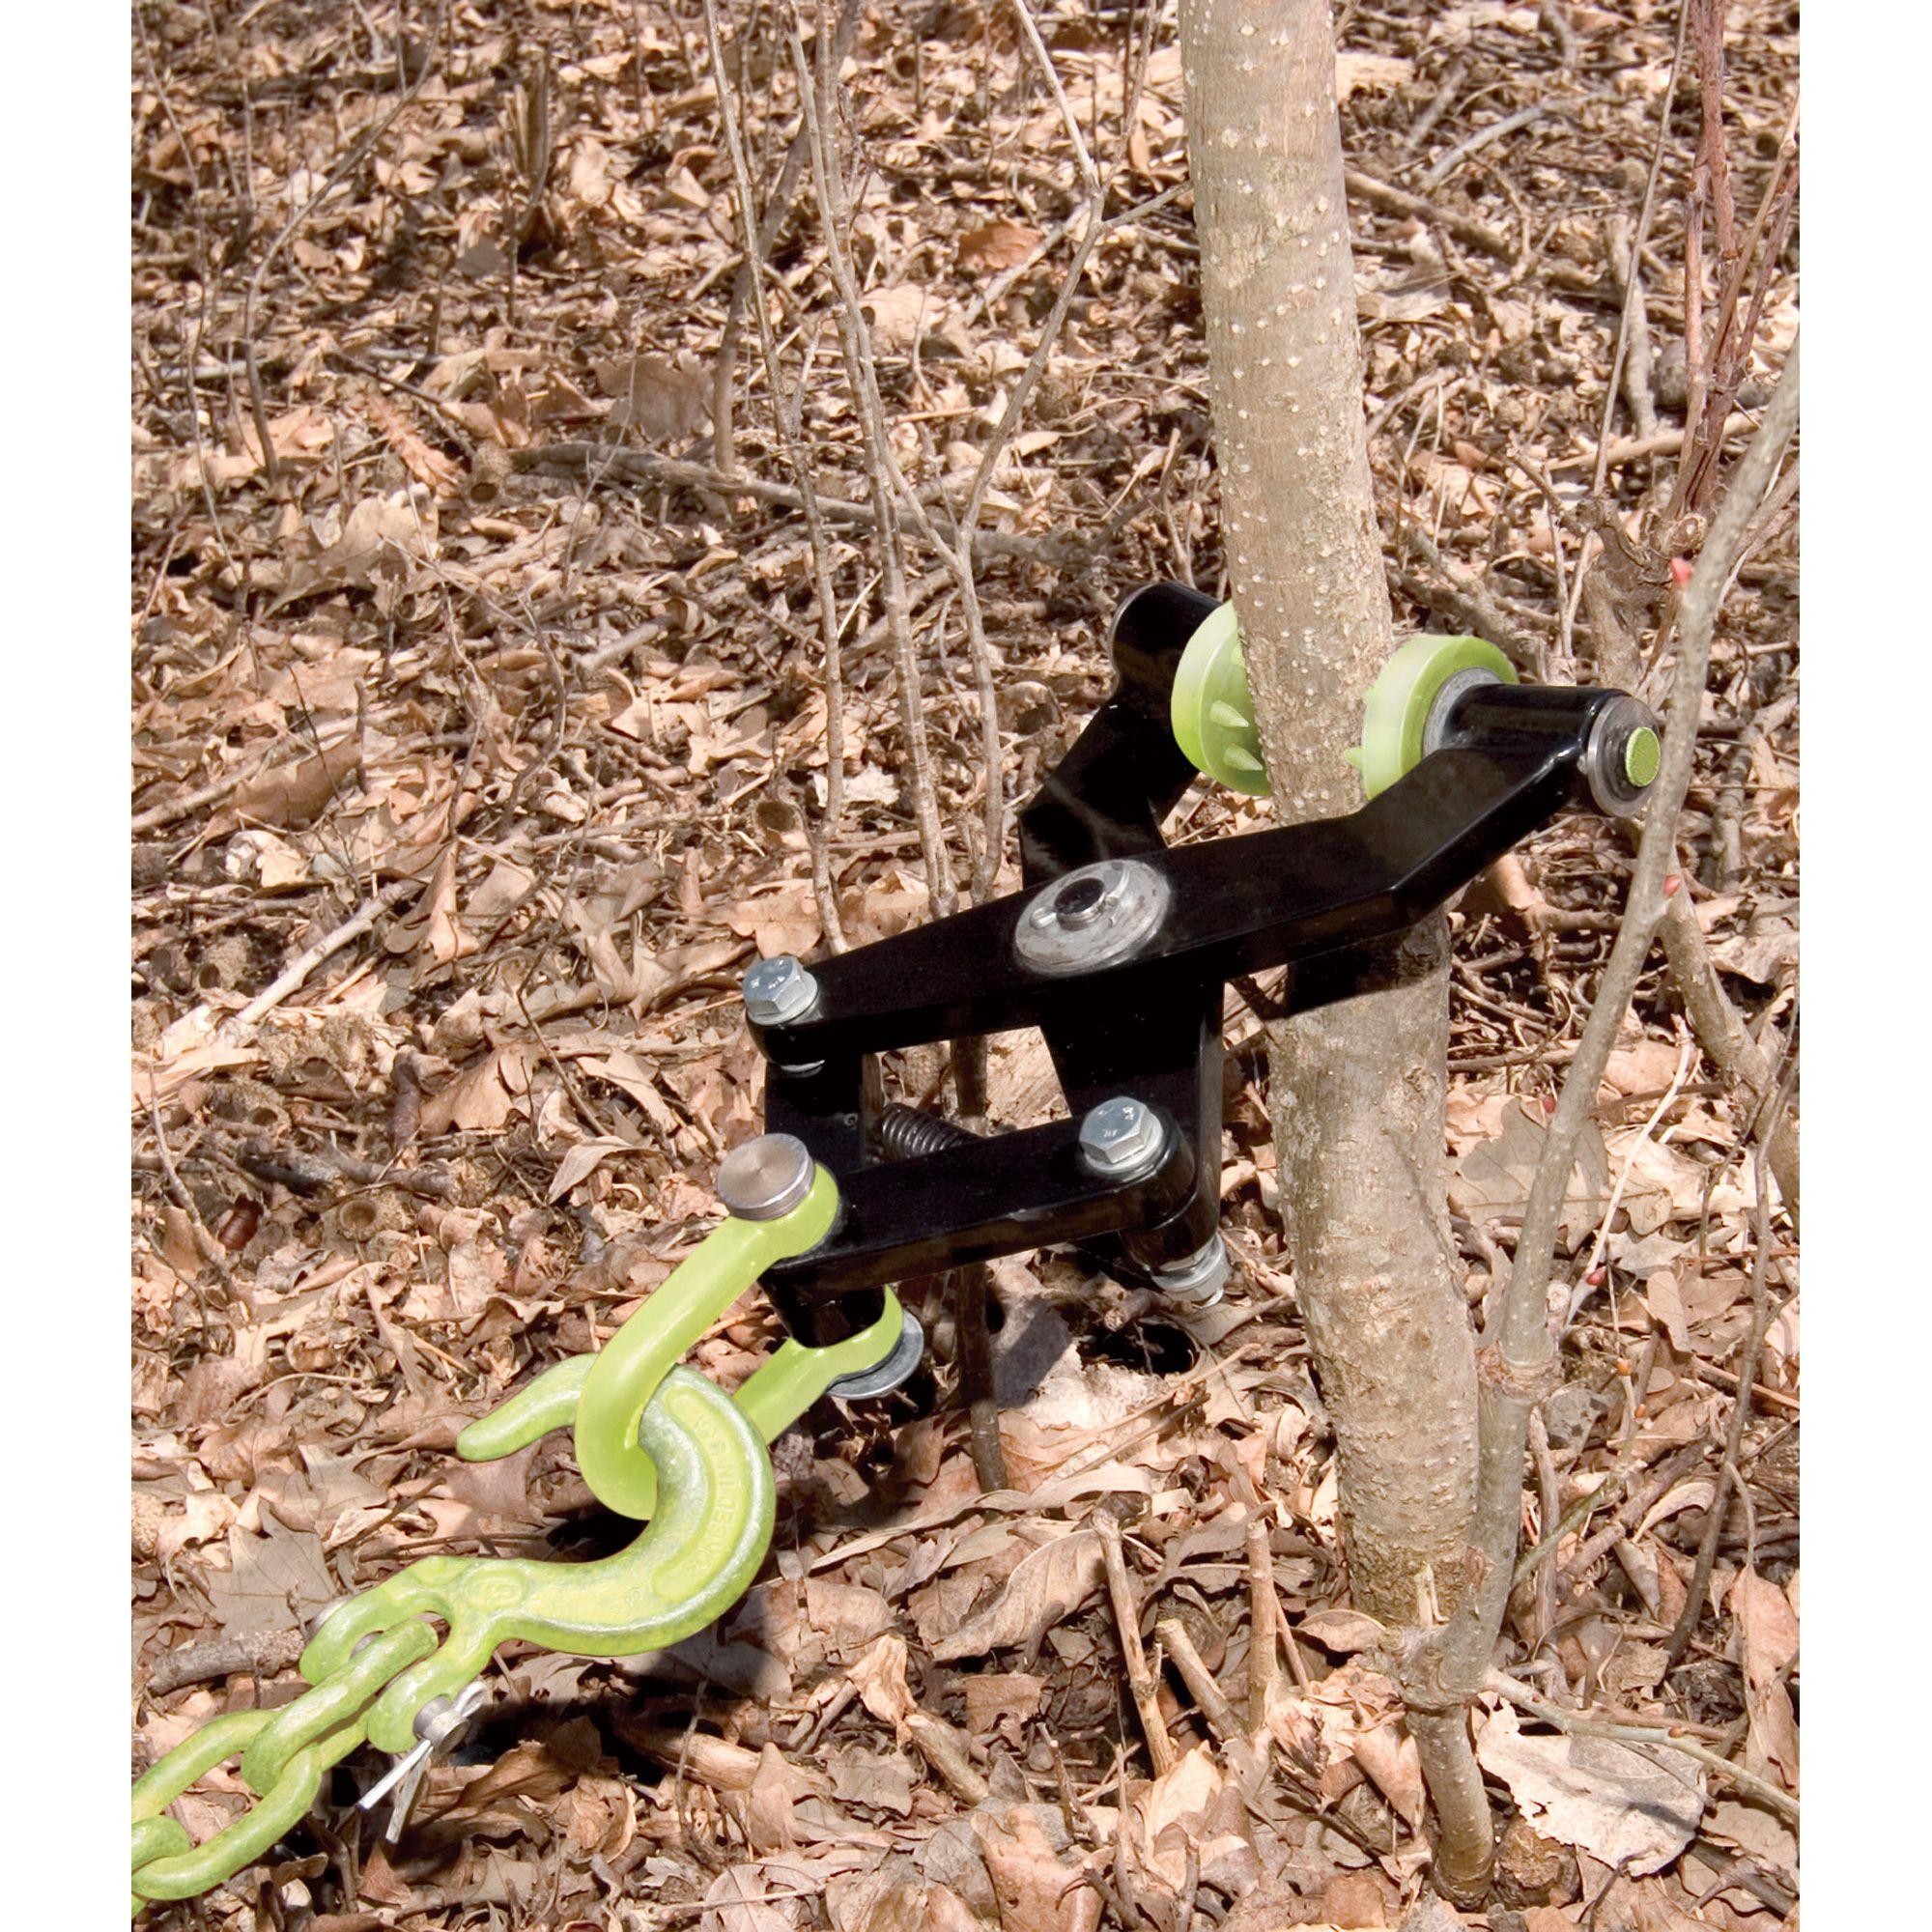 Brush Grubber, Model# BG-01 | Landscaping Tools | Pinterest ...